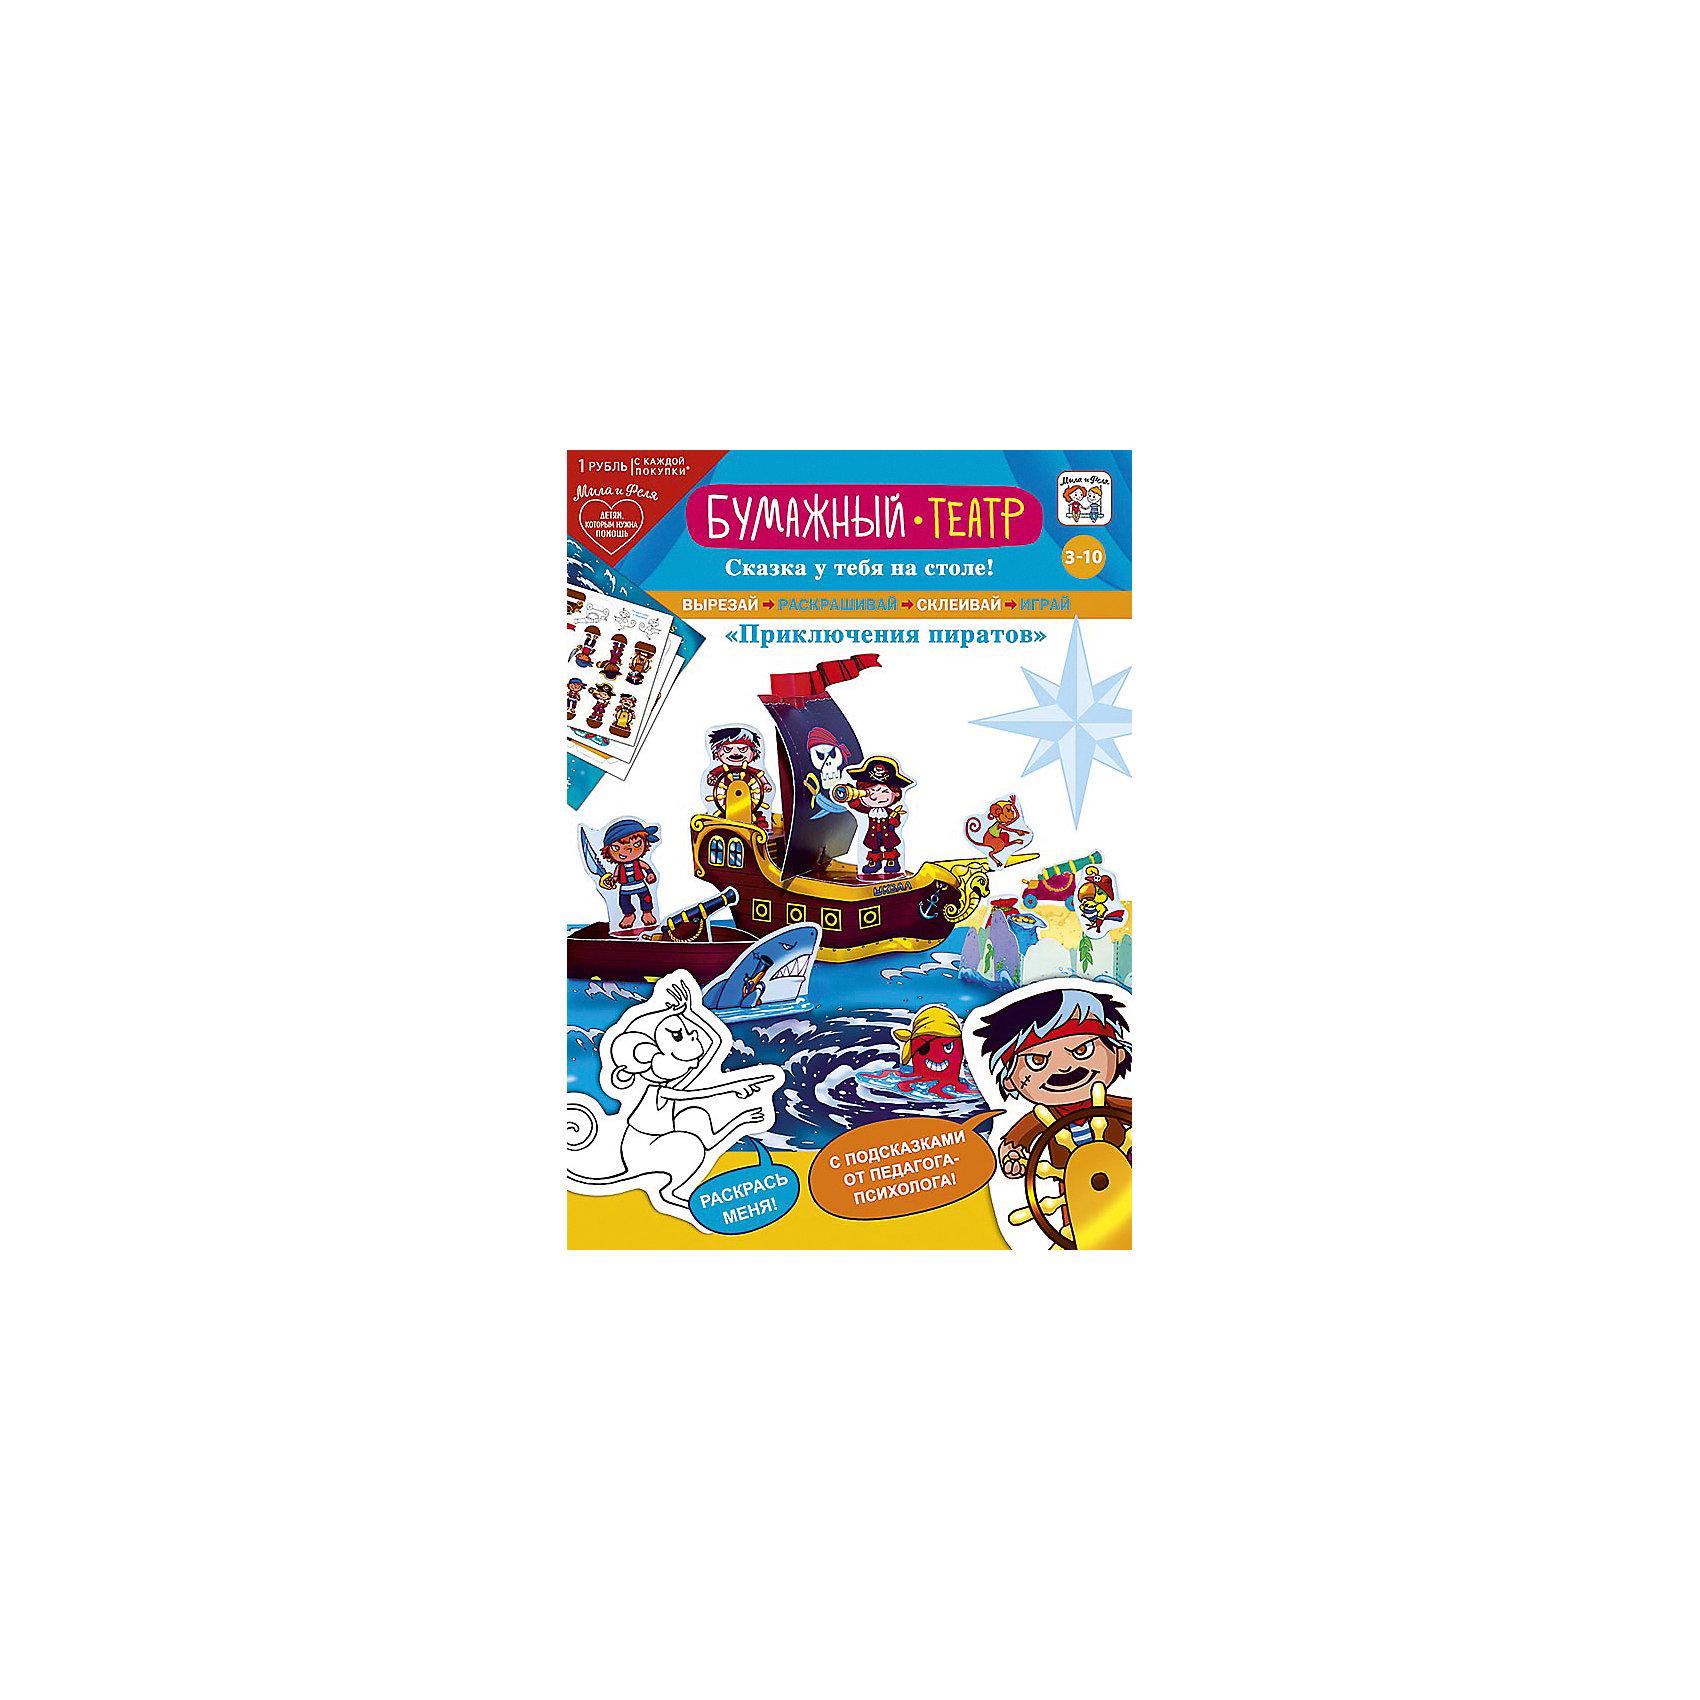 Набор игровой для творчества Мила и Феля - Бумажный театр - Приключения пиратовКукольный театр<br>Характеристики:<br><br>• возраст: от 3 лет<br>• в наборе: игровое поле, декорации, фигурки персонажей<br>• материал: картон<br>• размер упаковки: 21х29,7 см.<br><br>«Бумажный театр - Приключения пиратов» - это набор для творчества и игры, с помощью которого ребенок создает свой настольный театр. В наборе есть игровое поле, декорации и фигурки персонажей. Для работы дополнительно потребуются: ножницы, цветные карандаши или фломастеры, клей и хорошее настроение.<br><br>Ребенок сможет разыграть знакомые сказки или придумать собственные сюжеты игры. В наборе имеется инструкция с советами от педагога-психолога, которые подскажут родителям, как увлечь ребенка.<br><br>Набор для творчества «Бумажный театр - Приключения пиратов» позволит малышу фантазировать, творить, создавать, а родителям - познать внутренний мир своего ребенка через игру.<br><br>Набор игровой для творчества «Мила и Феля - Бумажный театр - Приключения пиратов» можно купить в нашем интернет-магазине.<br><br>Ширина мм: 210<br>Глубина мм: 297<br>Высота мм: 2<br>Вес г: 64<br>Возраст от месяцев: 36<br>Возраст до месяцев: 2147483647<br>Пол: Унисекс<br>Возраст: Детский<br>SKU: 7127566